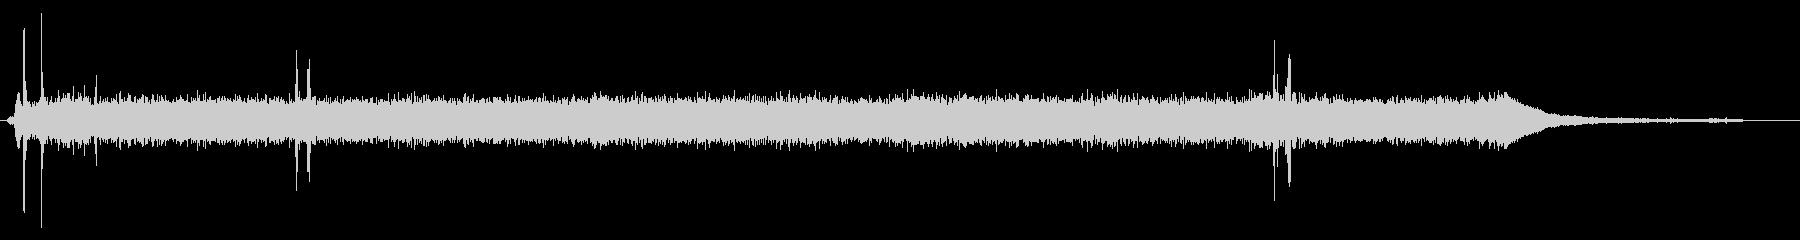 PC 駆動音03-01(オンオフ)の未再生の波形